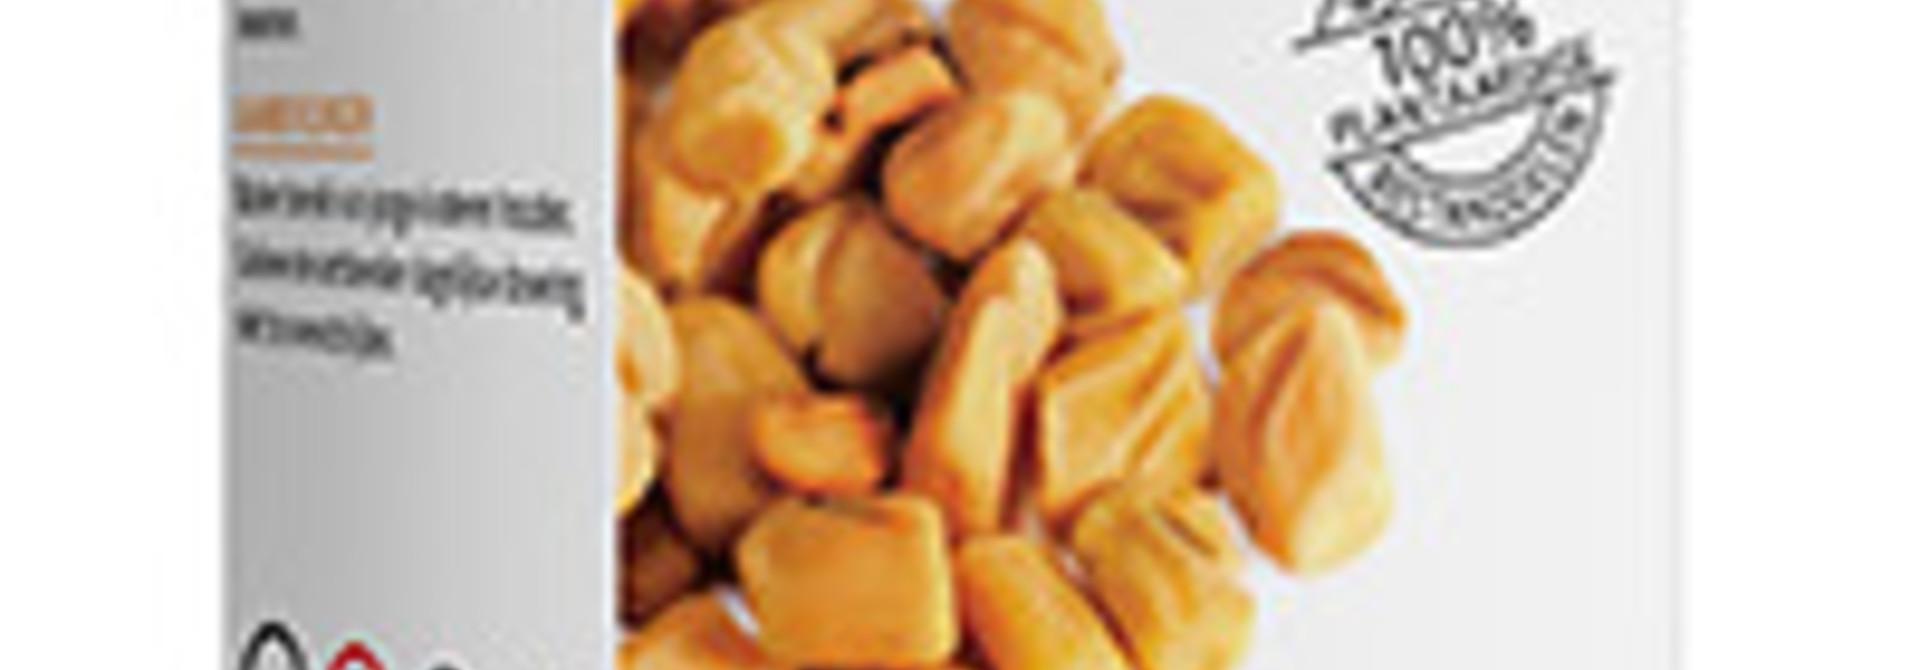 Fenegriek 45 capsules